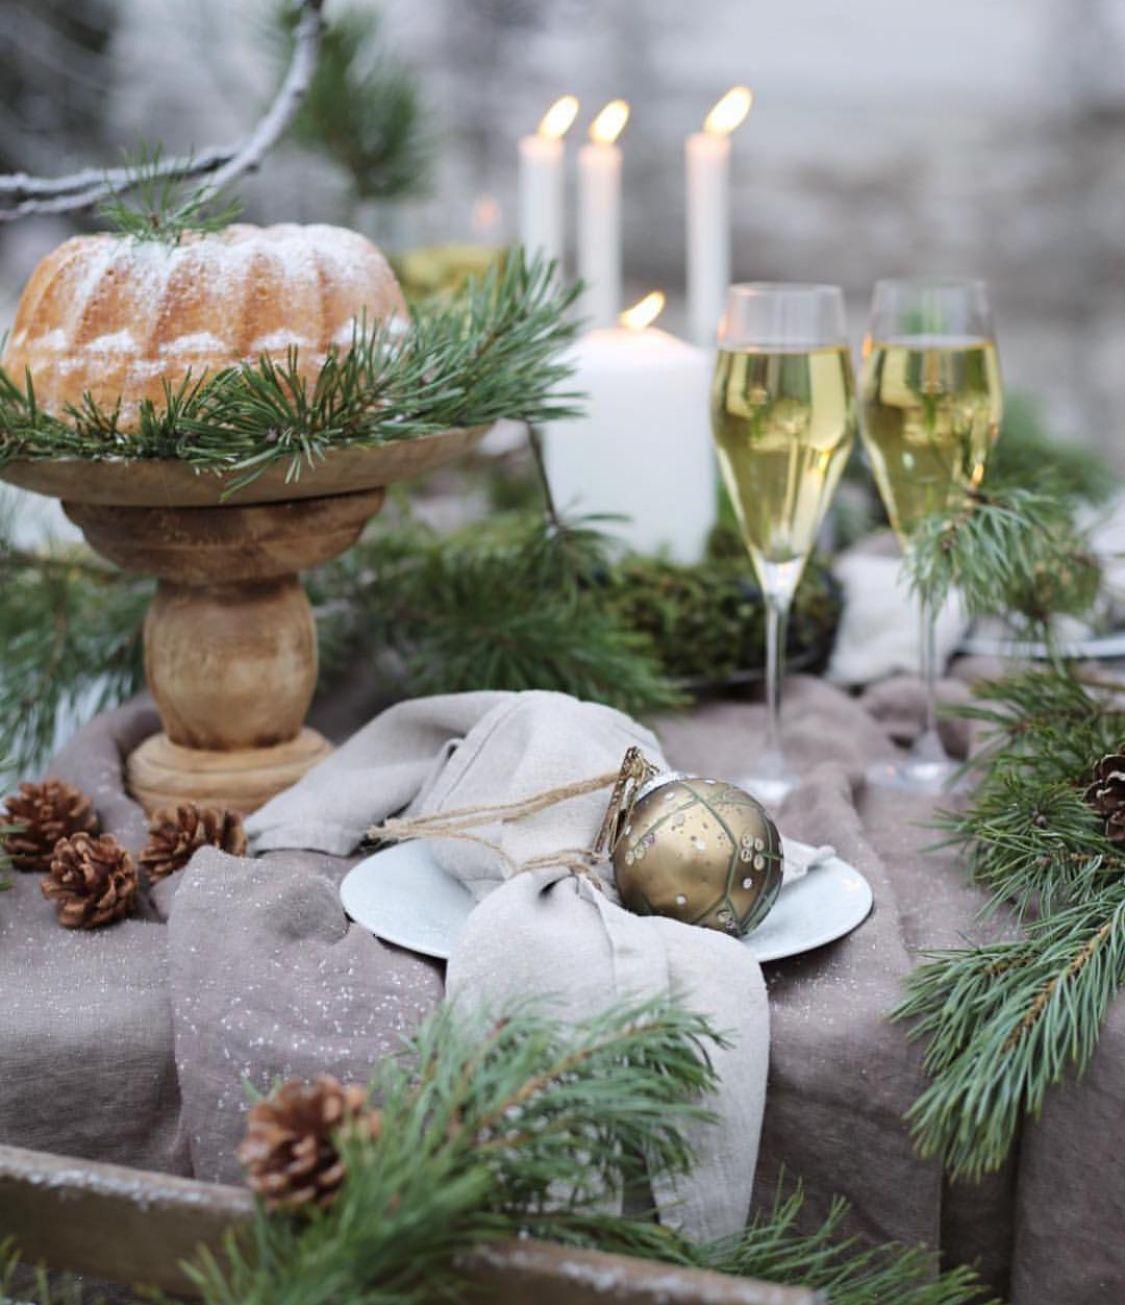 Tafeldekken Met Kerst Kerstdecoratie Kersttrends Christmas Decoratie Ideas Jul Weihnachten Ideen Weihnachts Kerst Woonkamers Kerstversiering Kersthuis